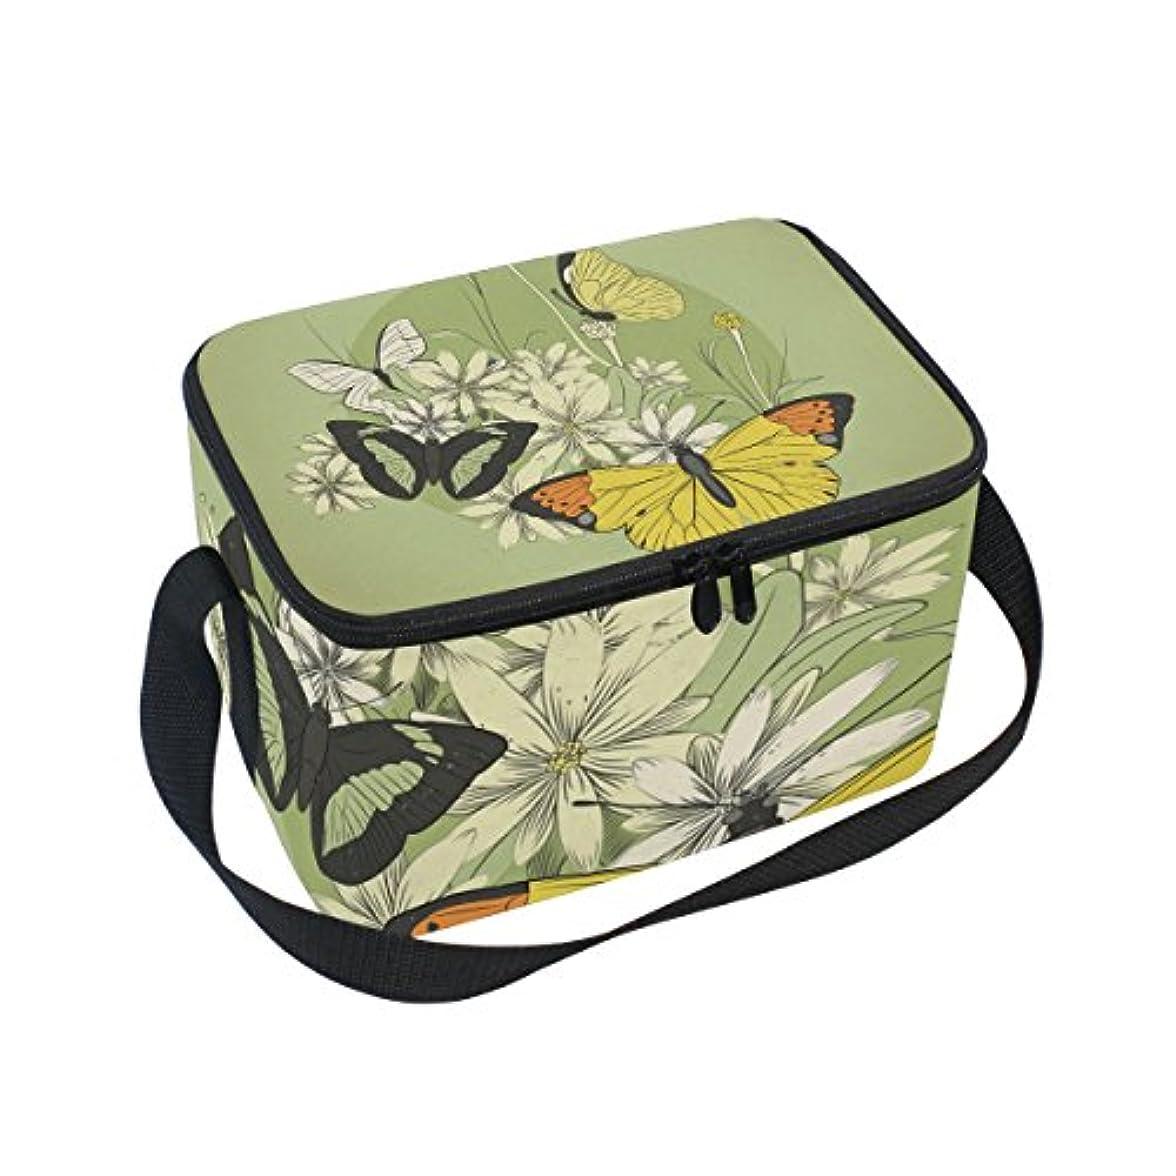 リクルートお風呂を持っている地下鉄クーラーバッグ クーラーボックス ソフトクーラ 冷蔵ボックス キャンプ用品  金色の蝶柄 保冷保温 大容量 肩掛け お花見 アウトドア